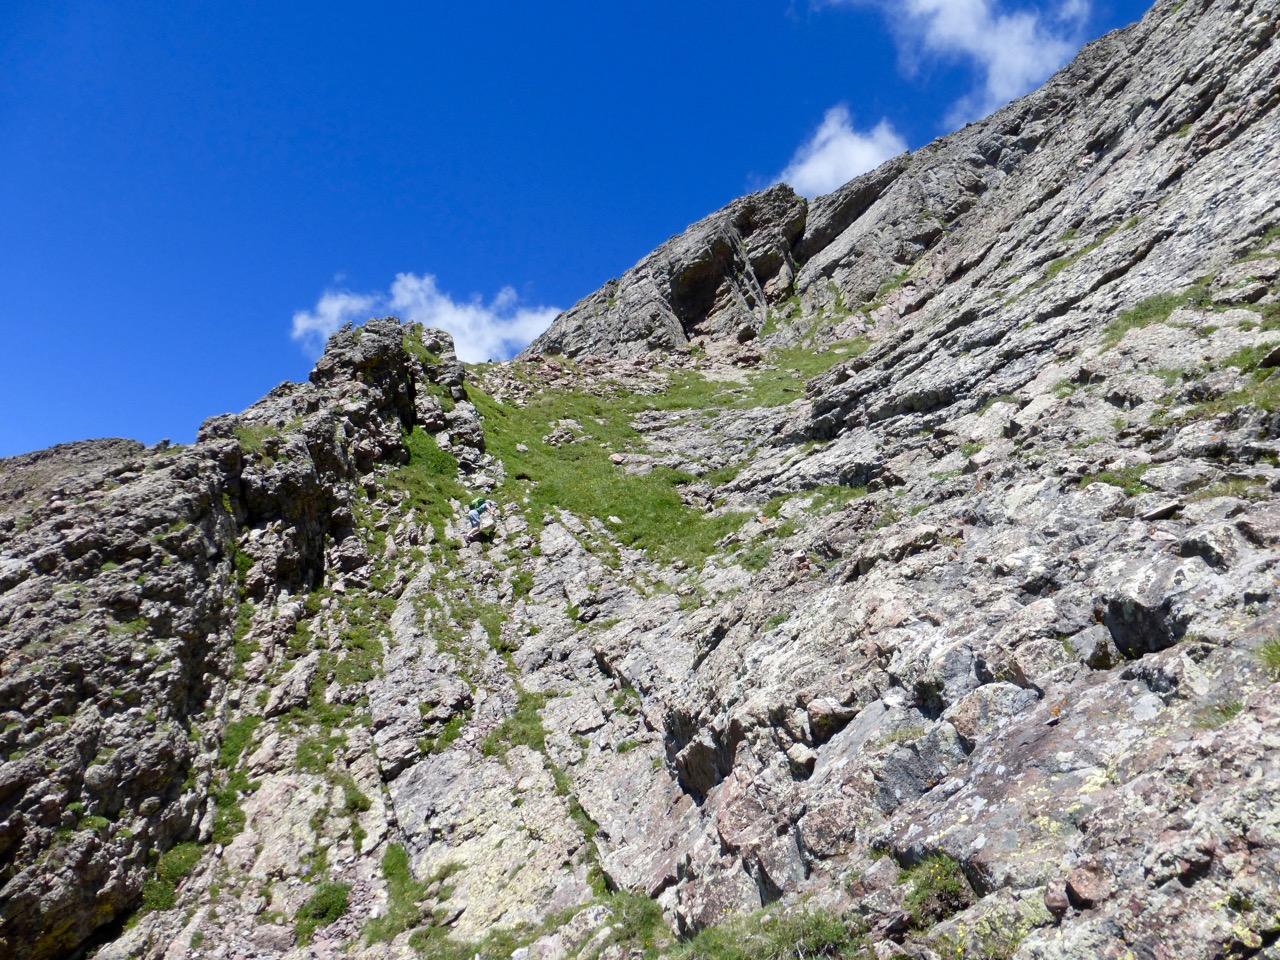 Typical terrain.